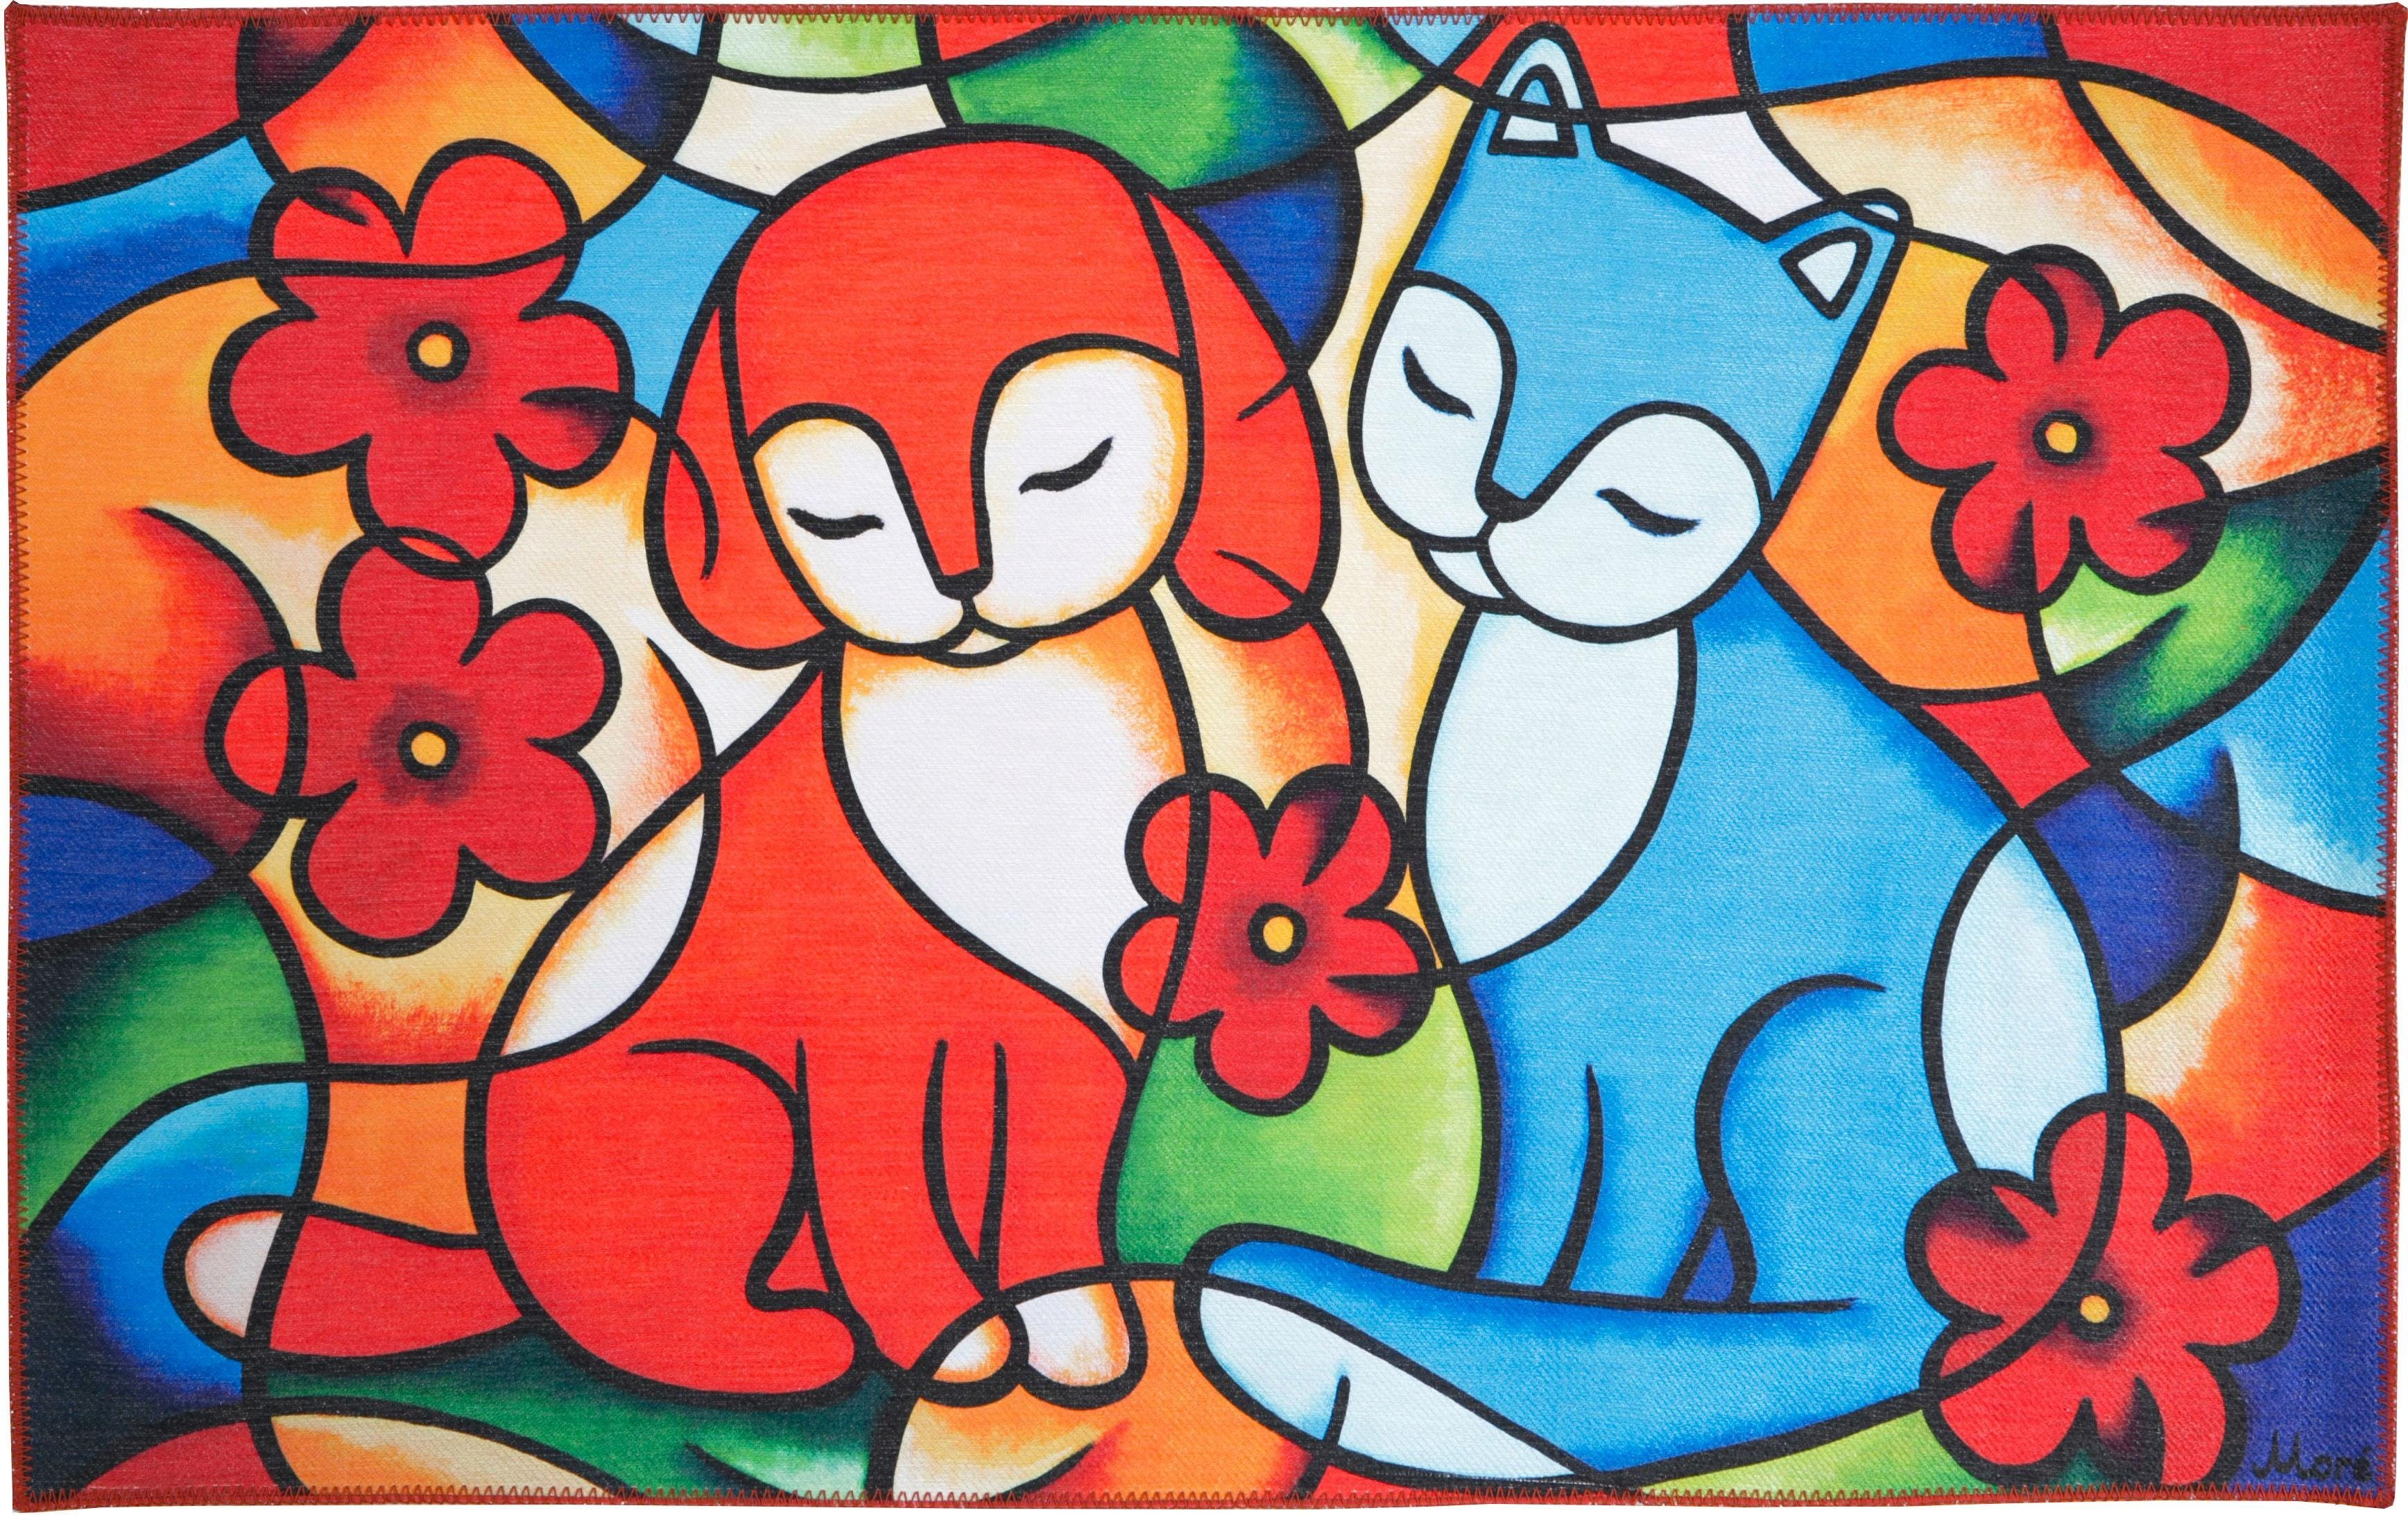 Teppich »Freundschaft«, LUXOR living, rechteckig, Höhe 10 mm, Art of Kids